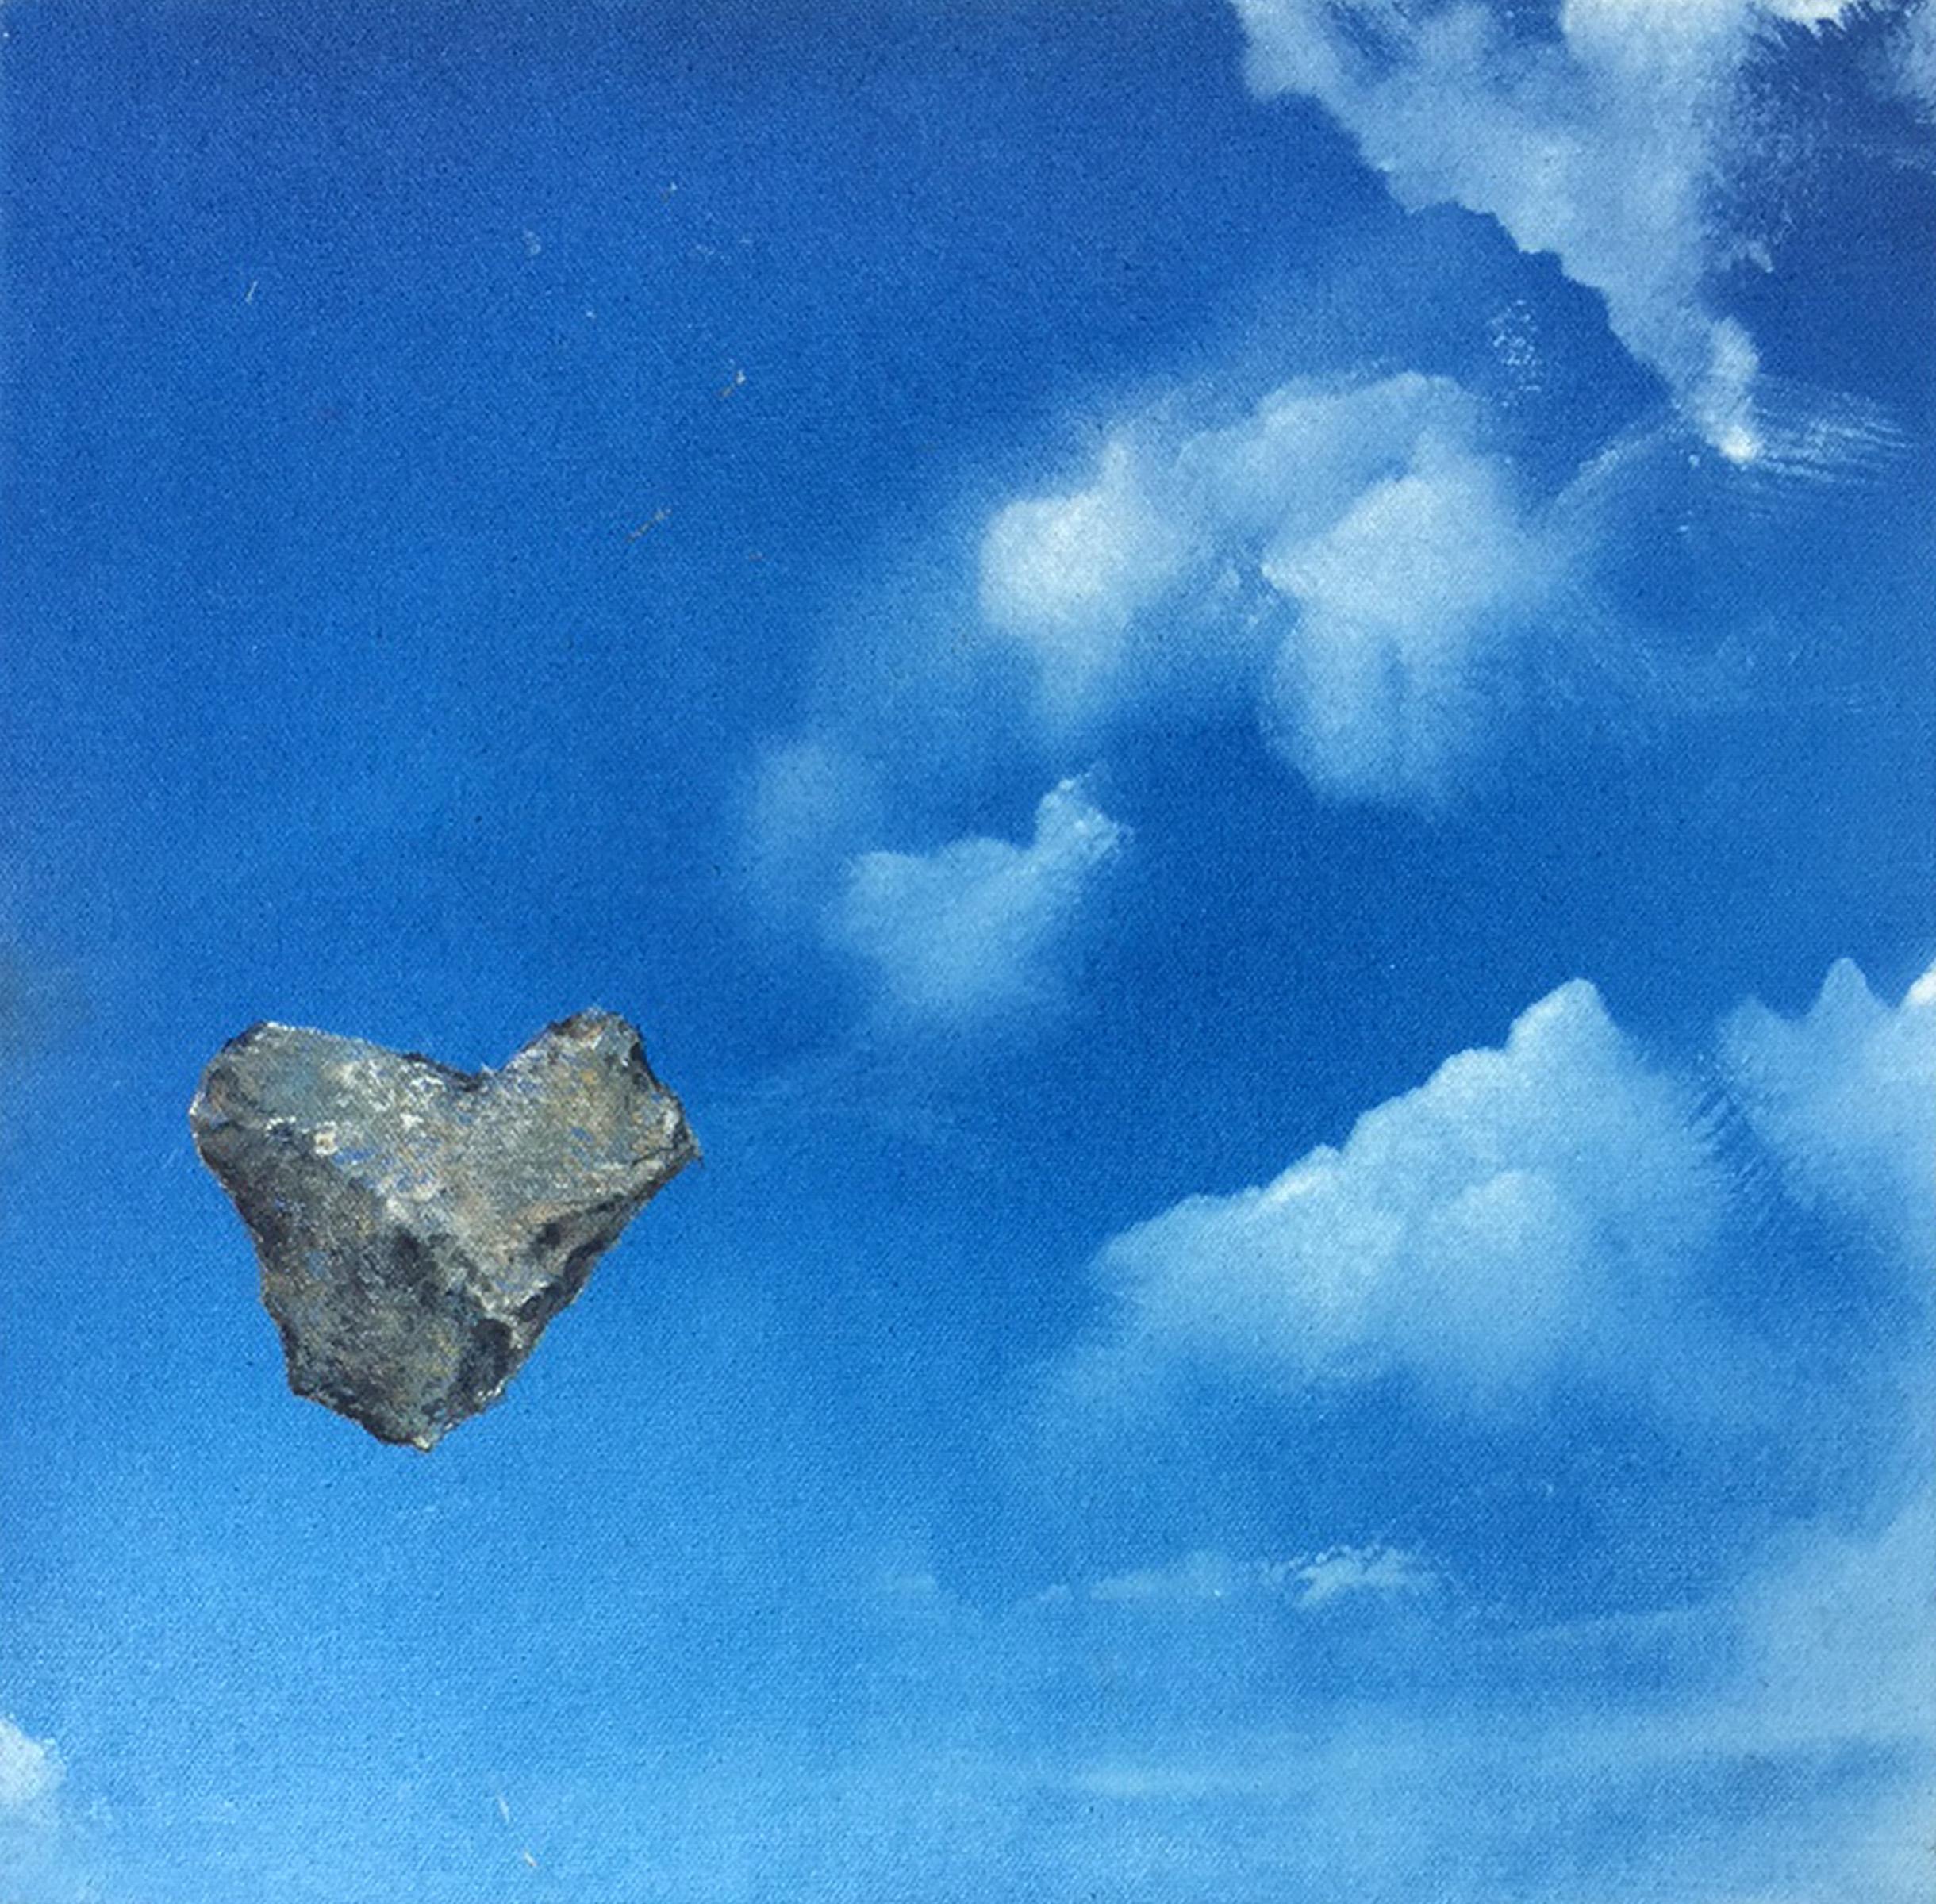 sky + rock